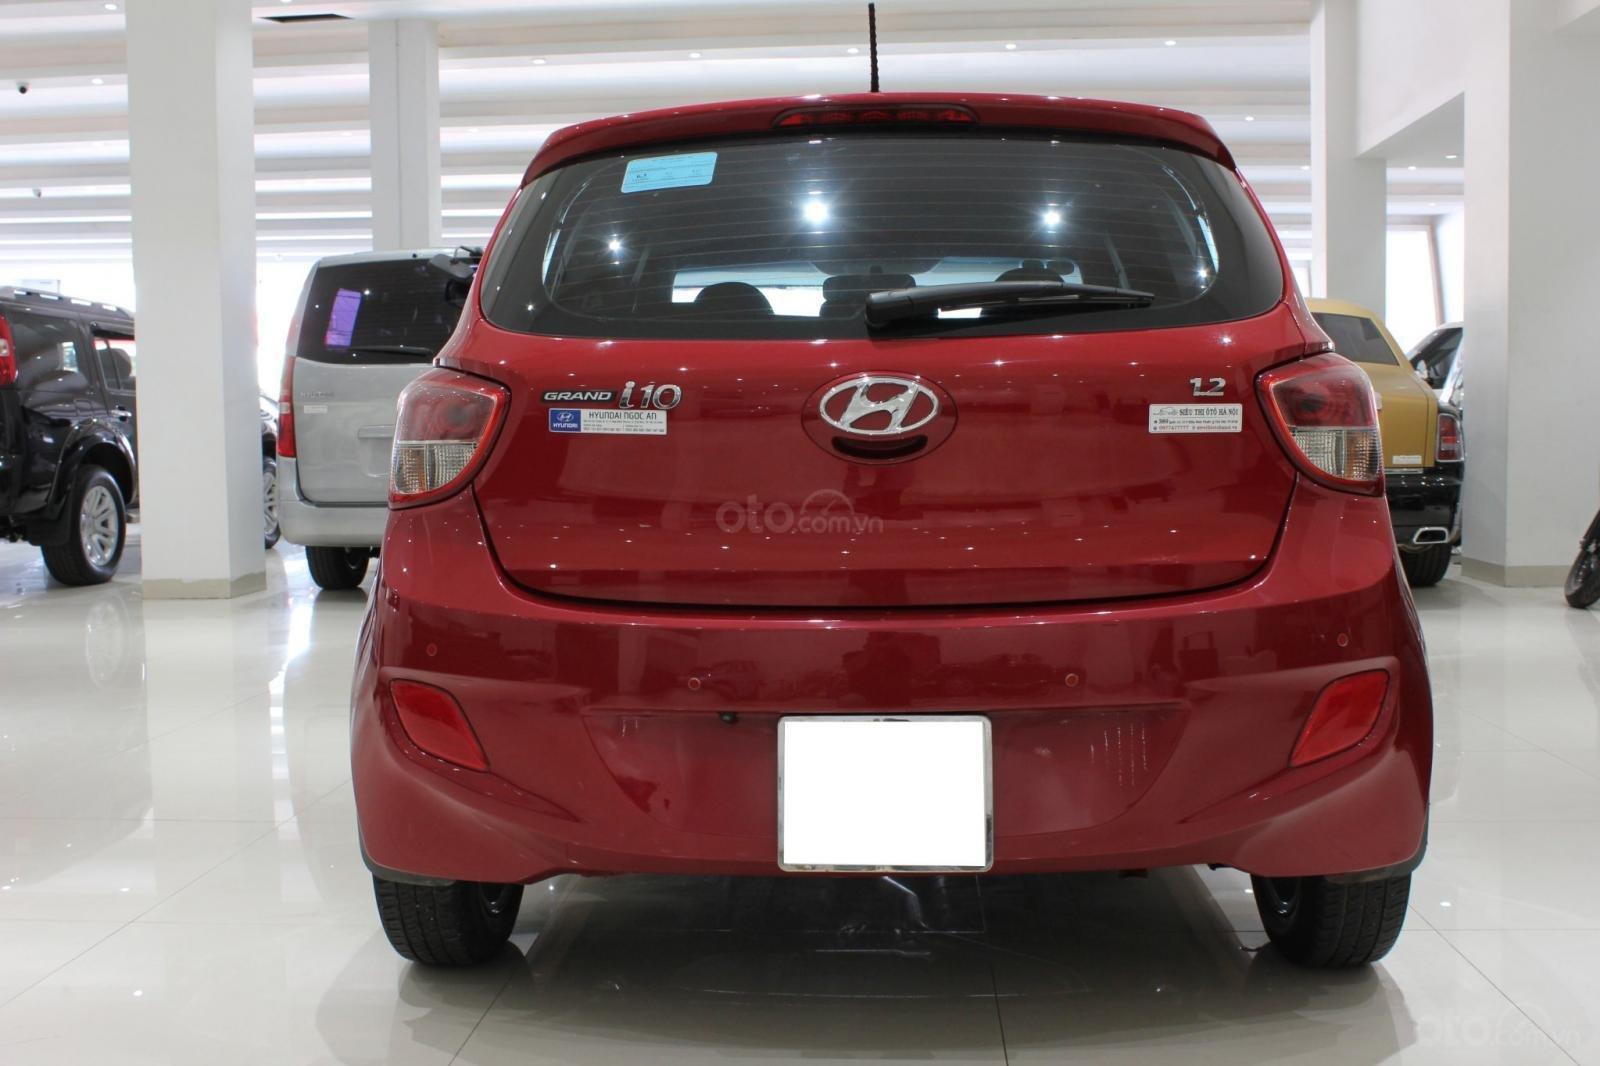 Hot hot hốt ngay Hyundai Grand i10 với giá cực hót và quà tặng hấp dẫn-2